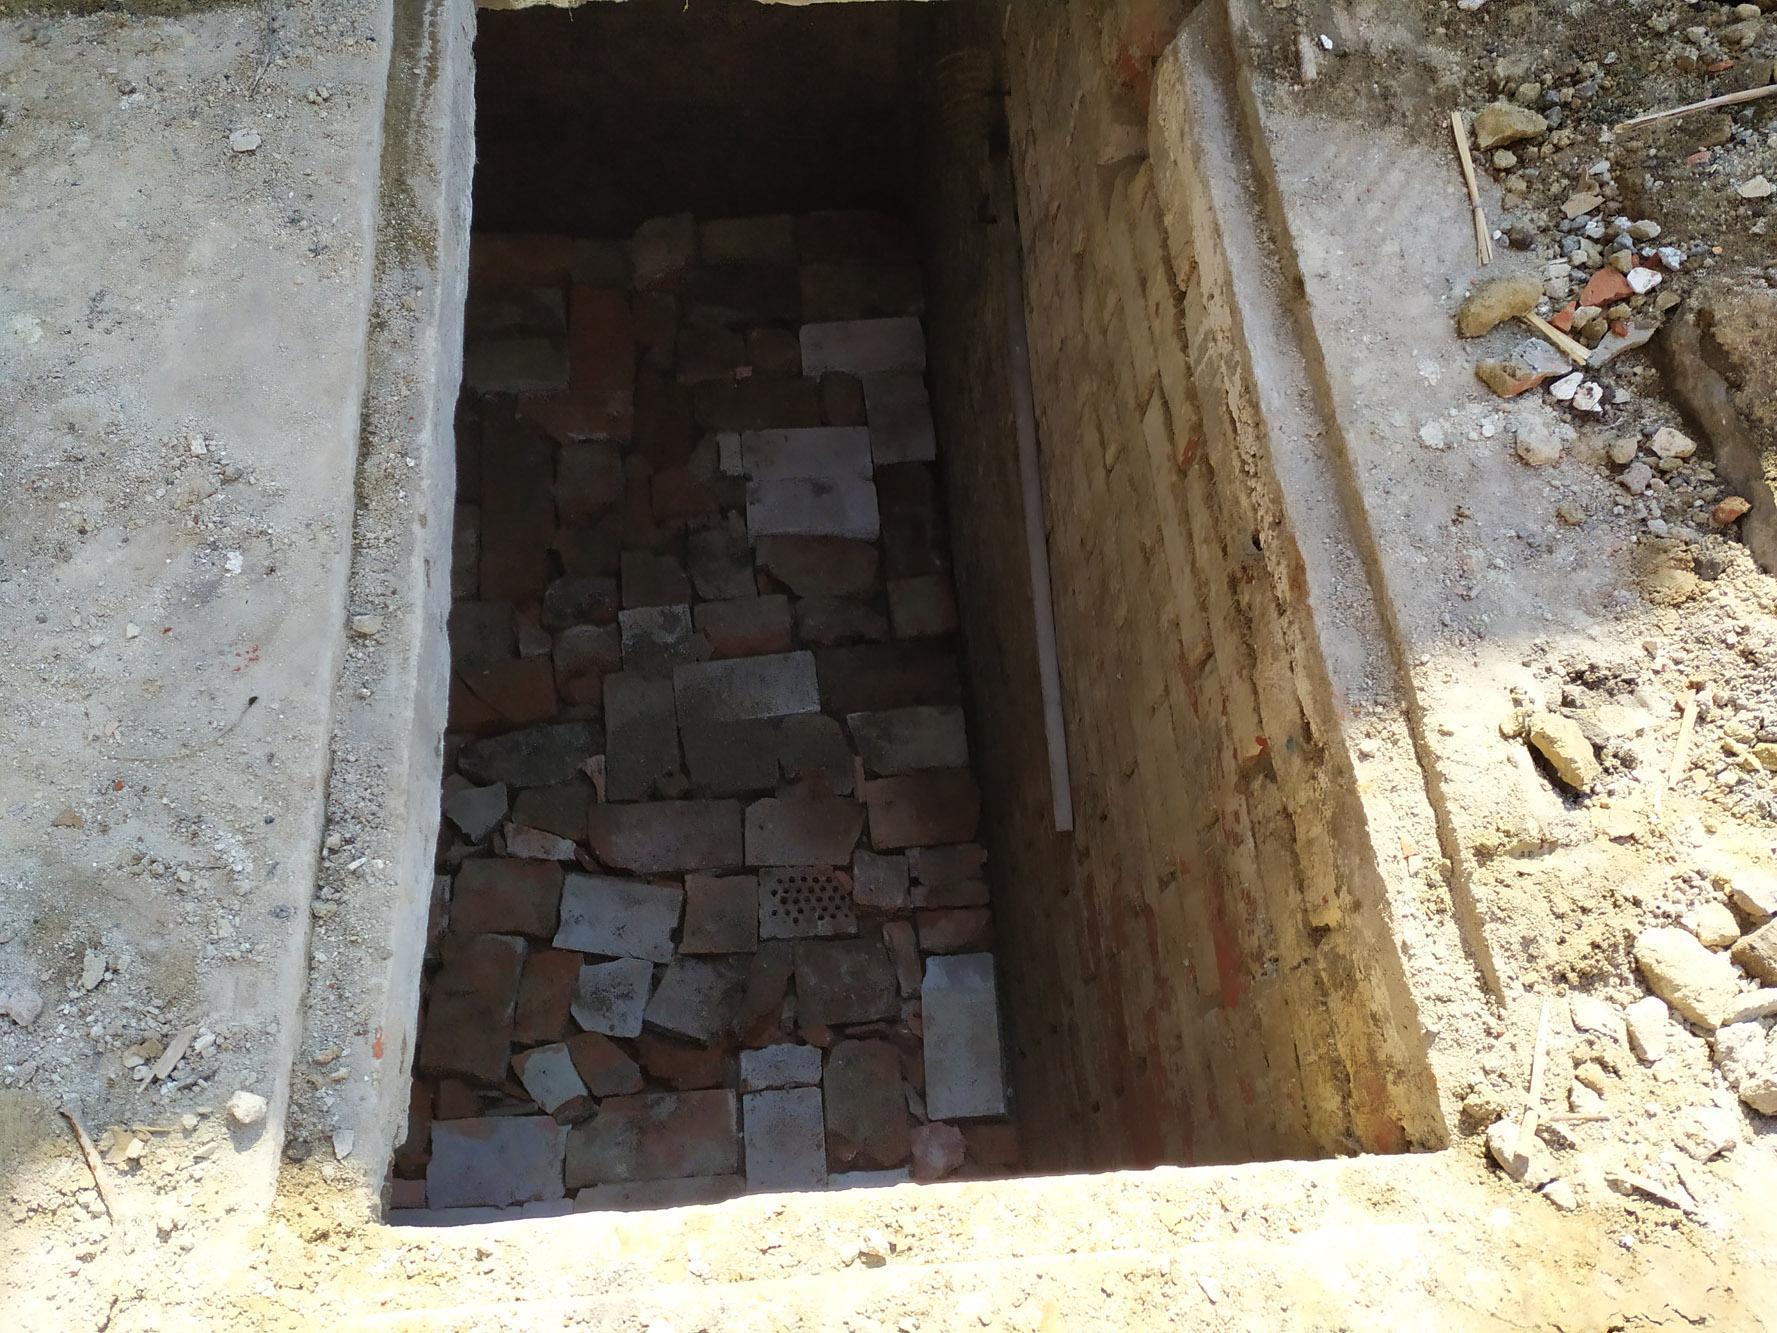 Bourání staré a stavba nové řadovky - Zaskládávání původní sklepa